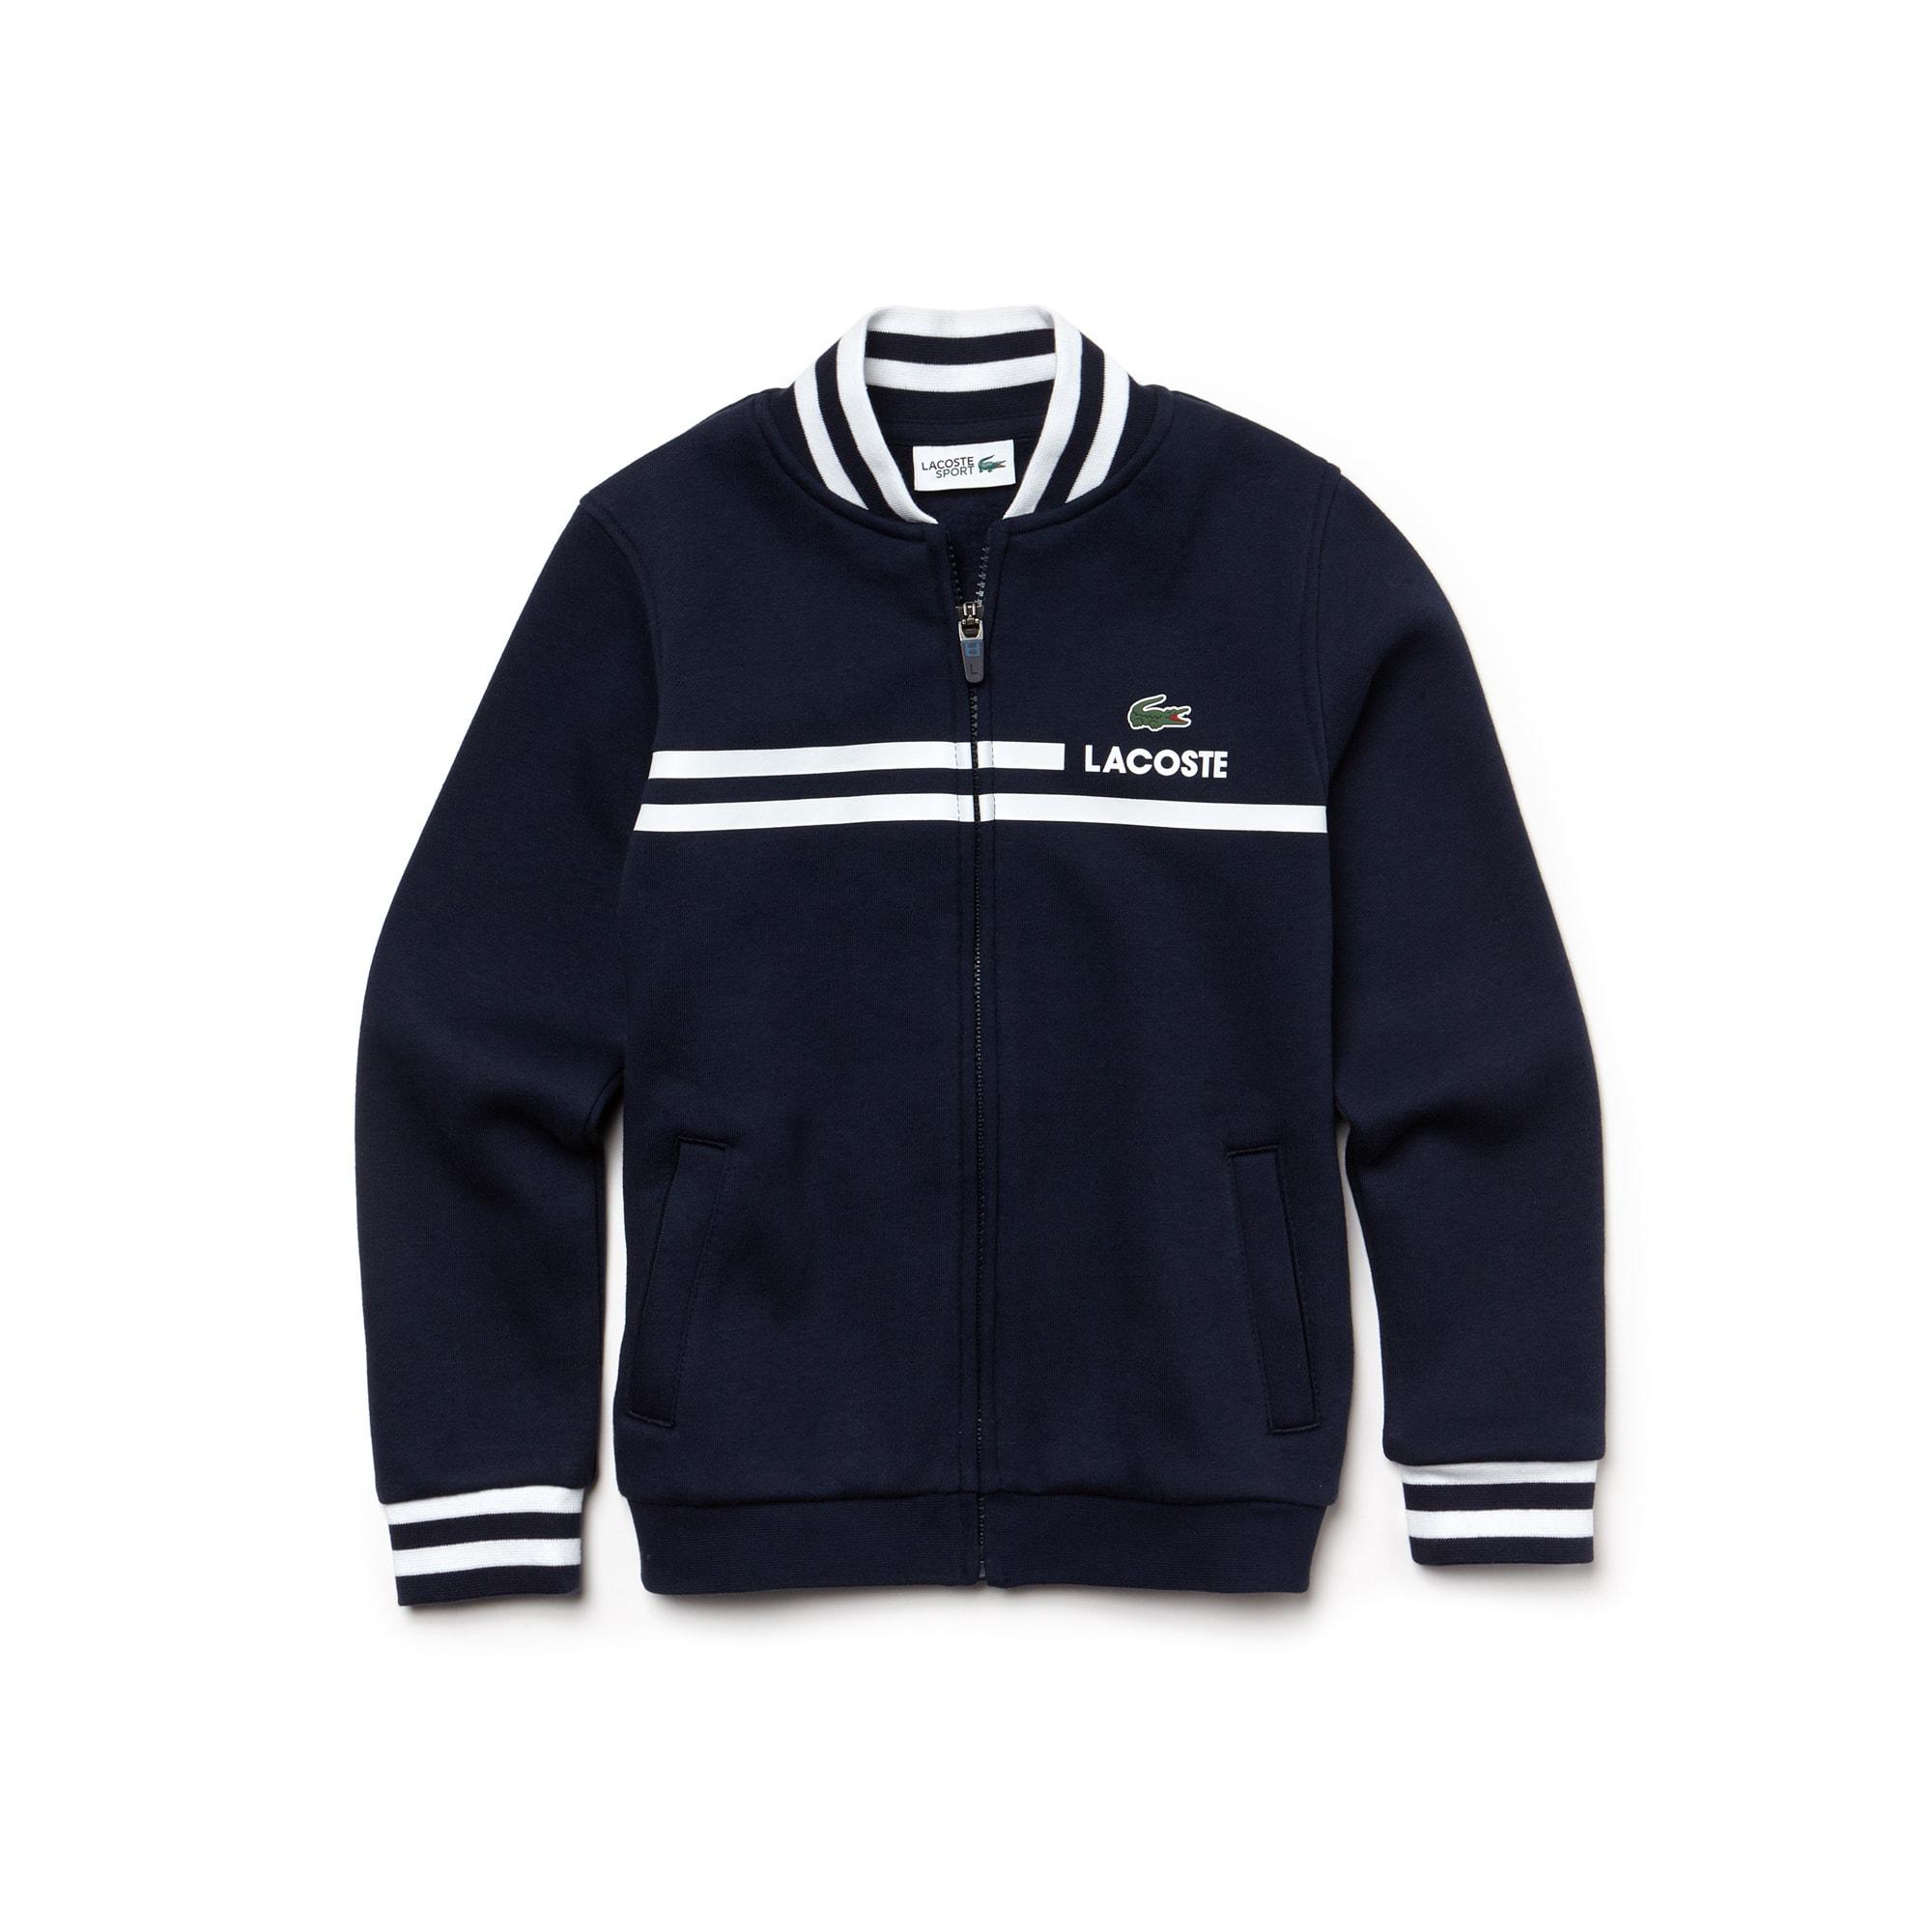 Lacoste SPORT Tennis-sweatshirt jongens fleece met rits